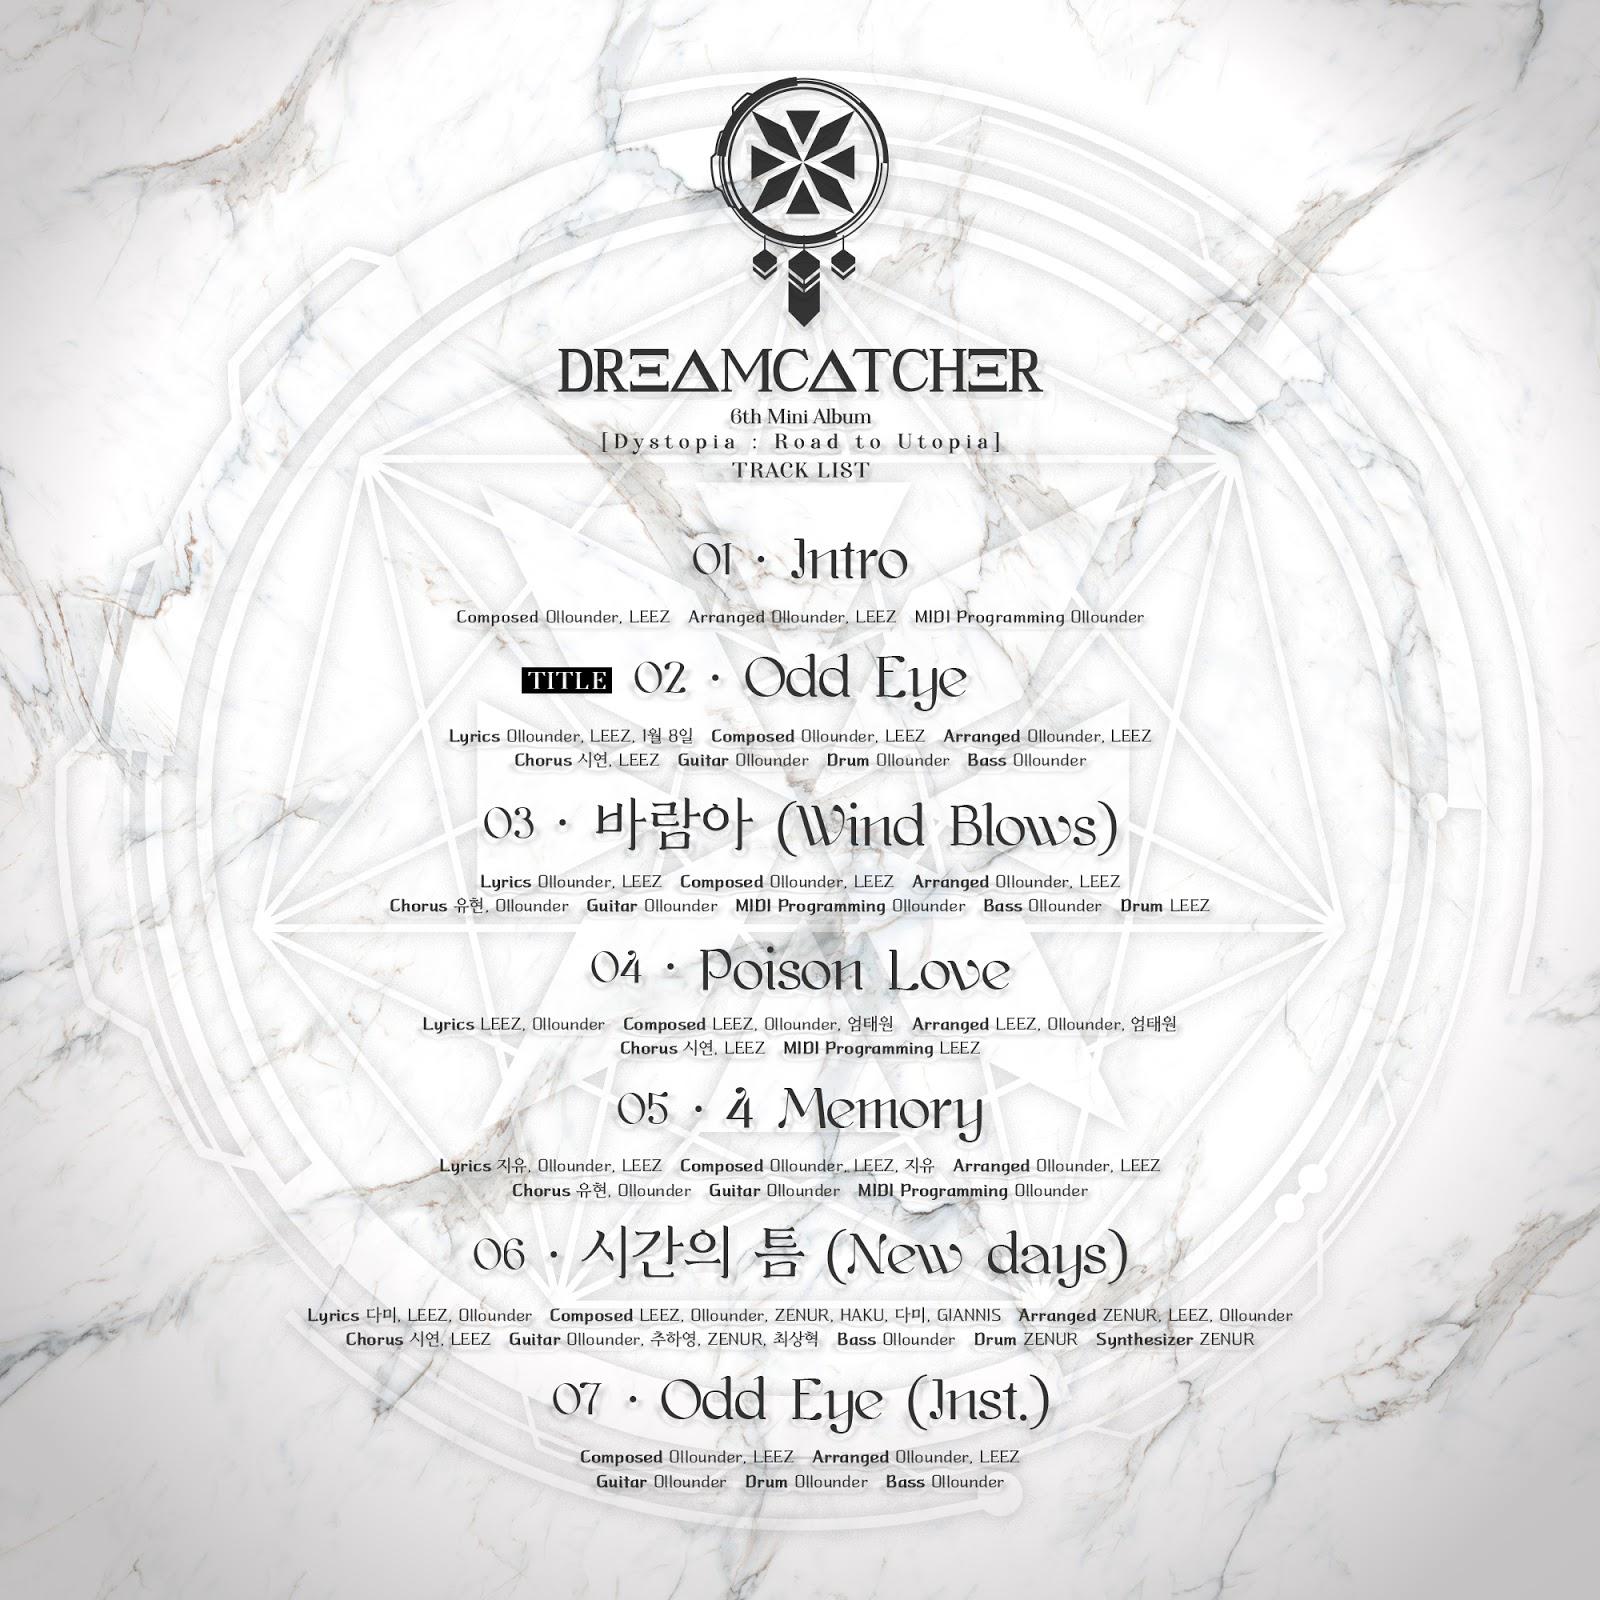 dreamcatcher dystopia road to utopia tracklist